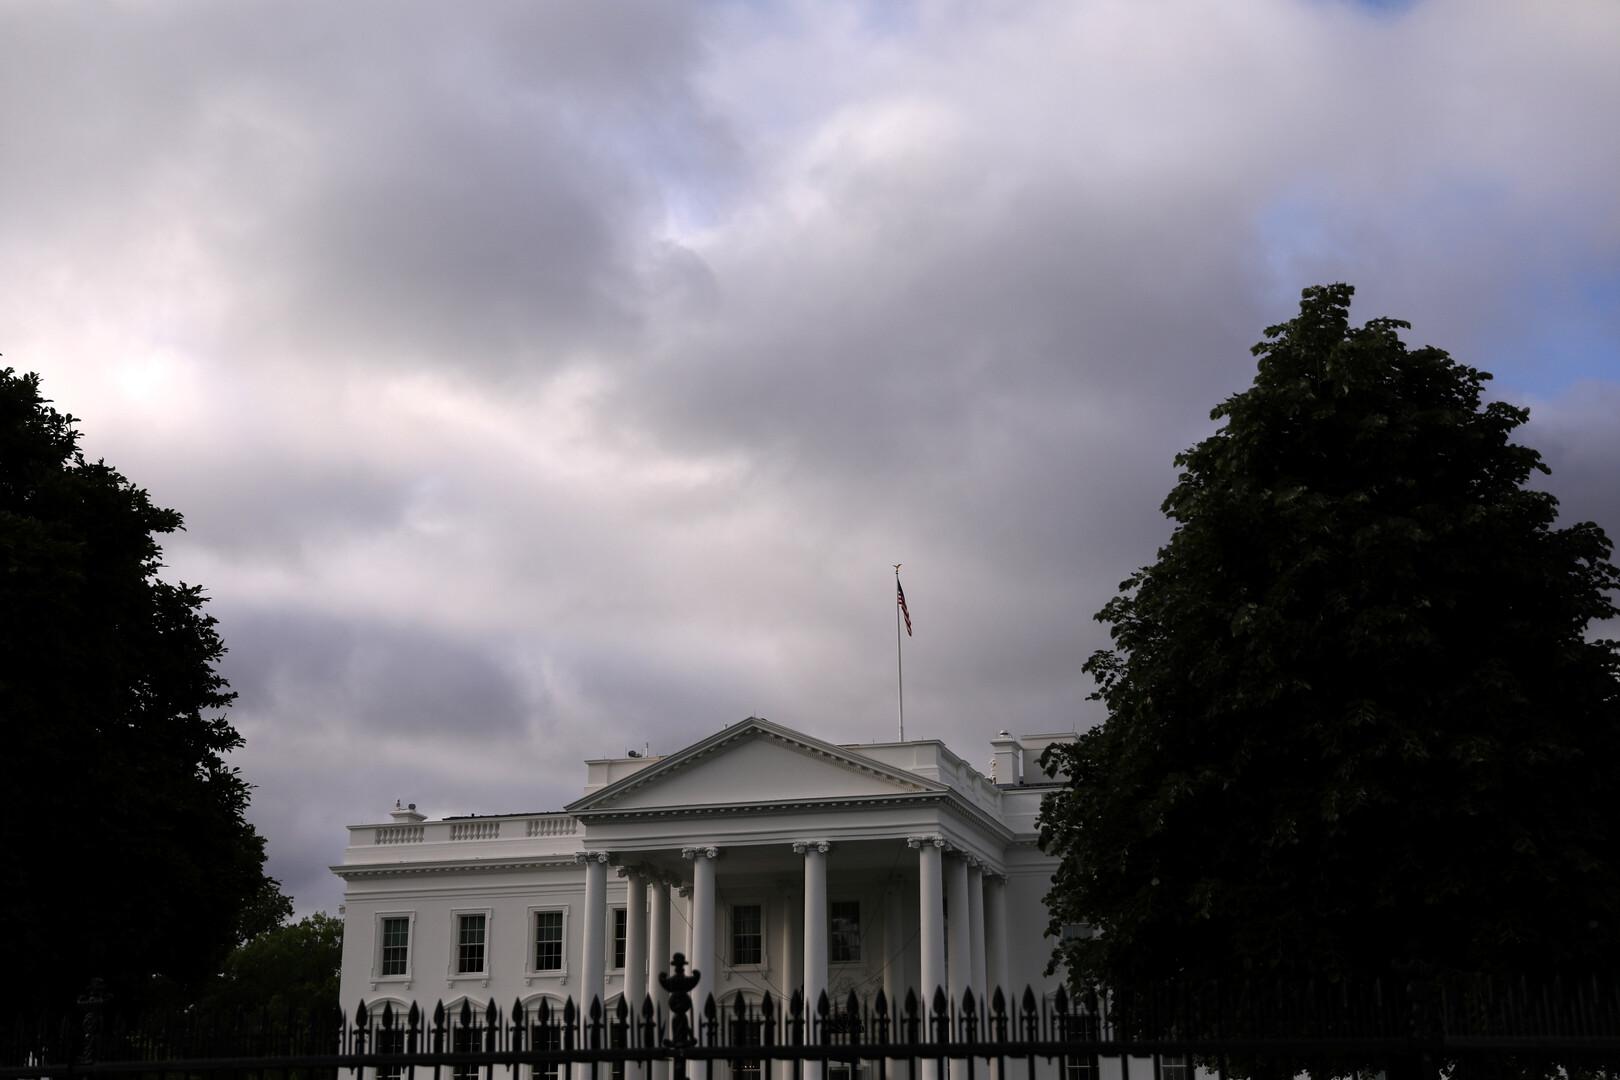 الولايات المتحدة ستواصل فرض عقوبات على كل الأطراف التي تشتري النفط من إيران